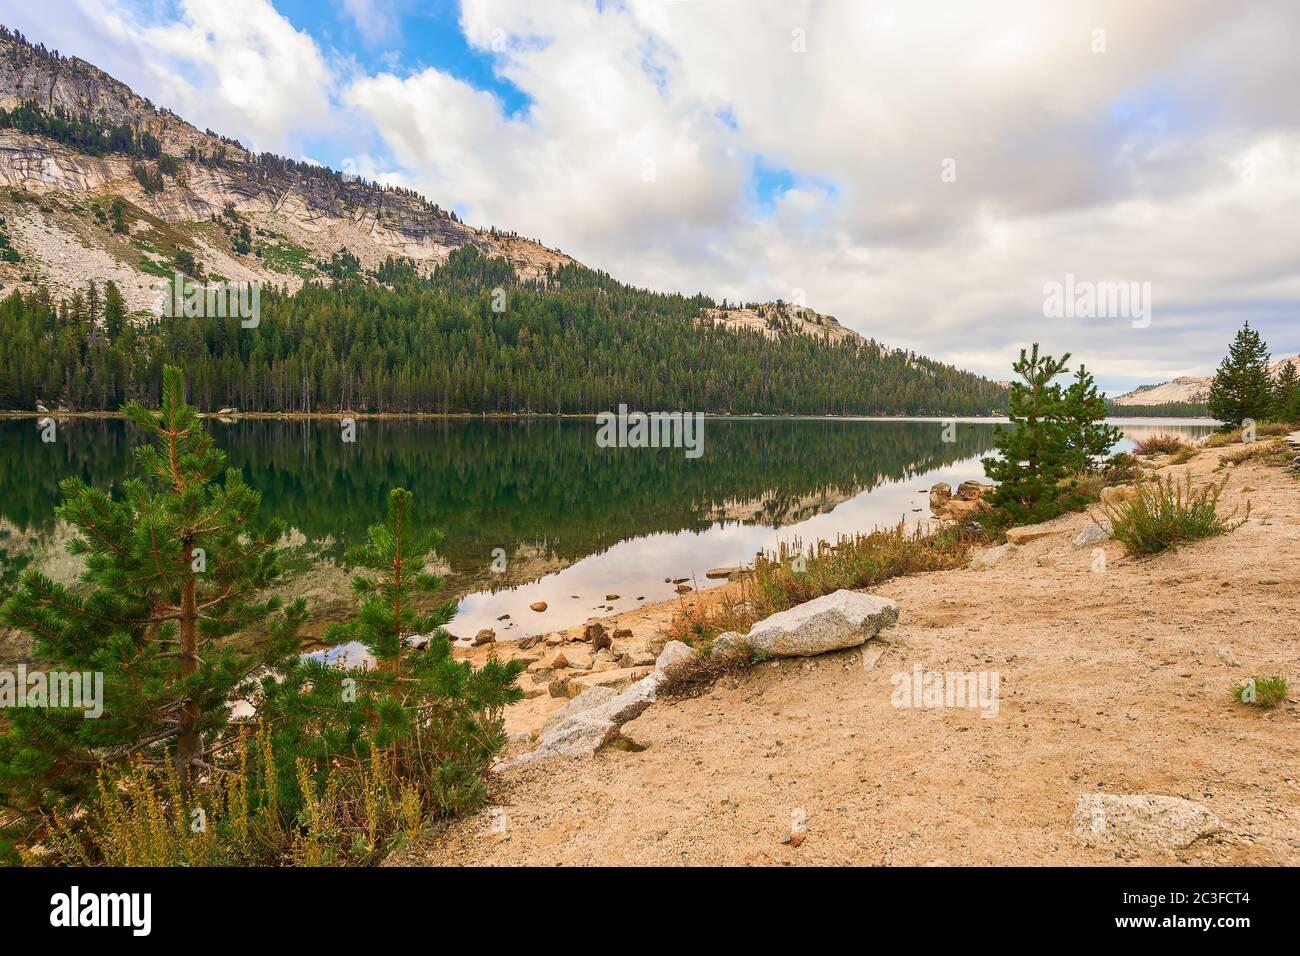 Vue sur le lac de Tenaya dans le parc national de Yosemite. Californie. États-Unis Banque D'Images